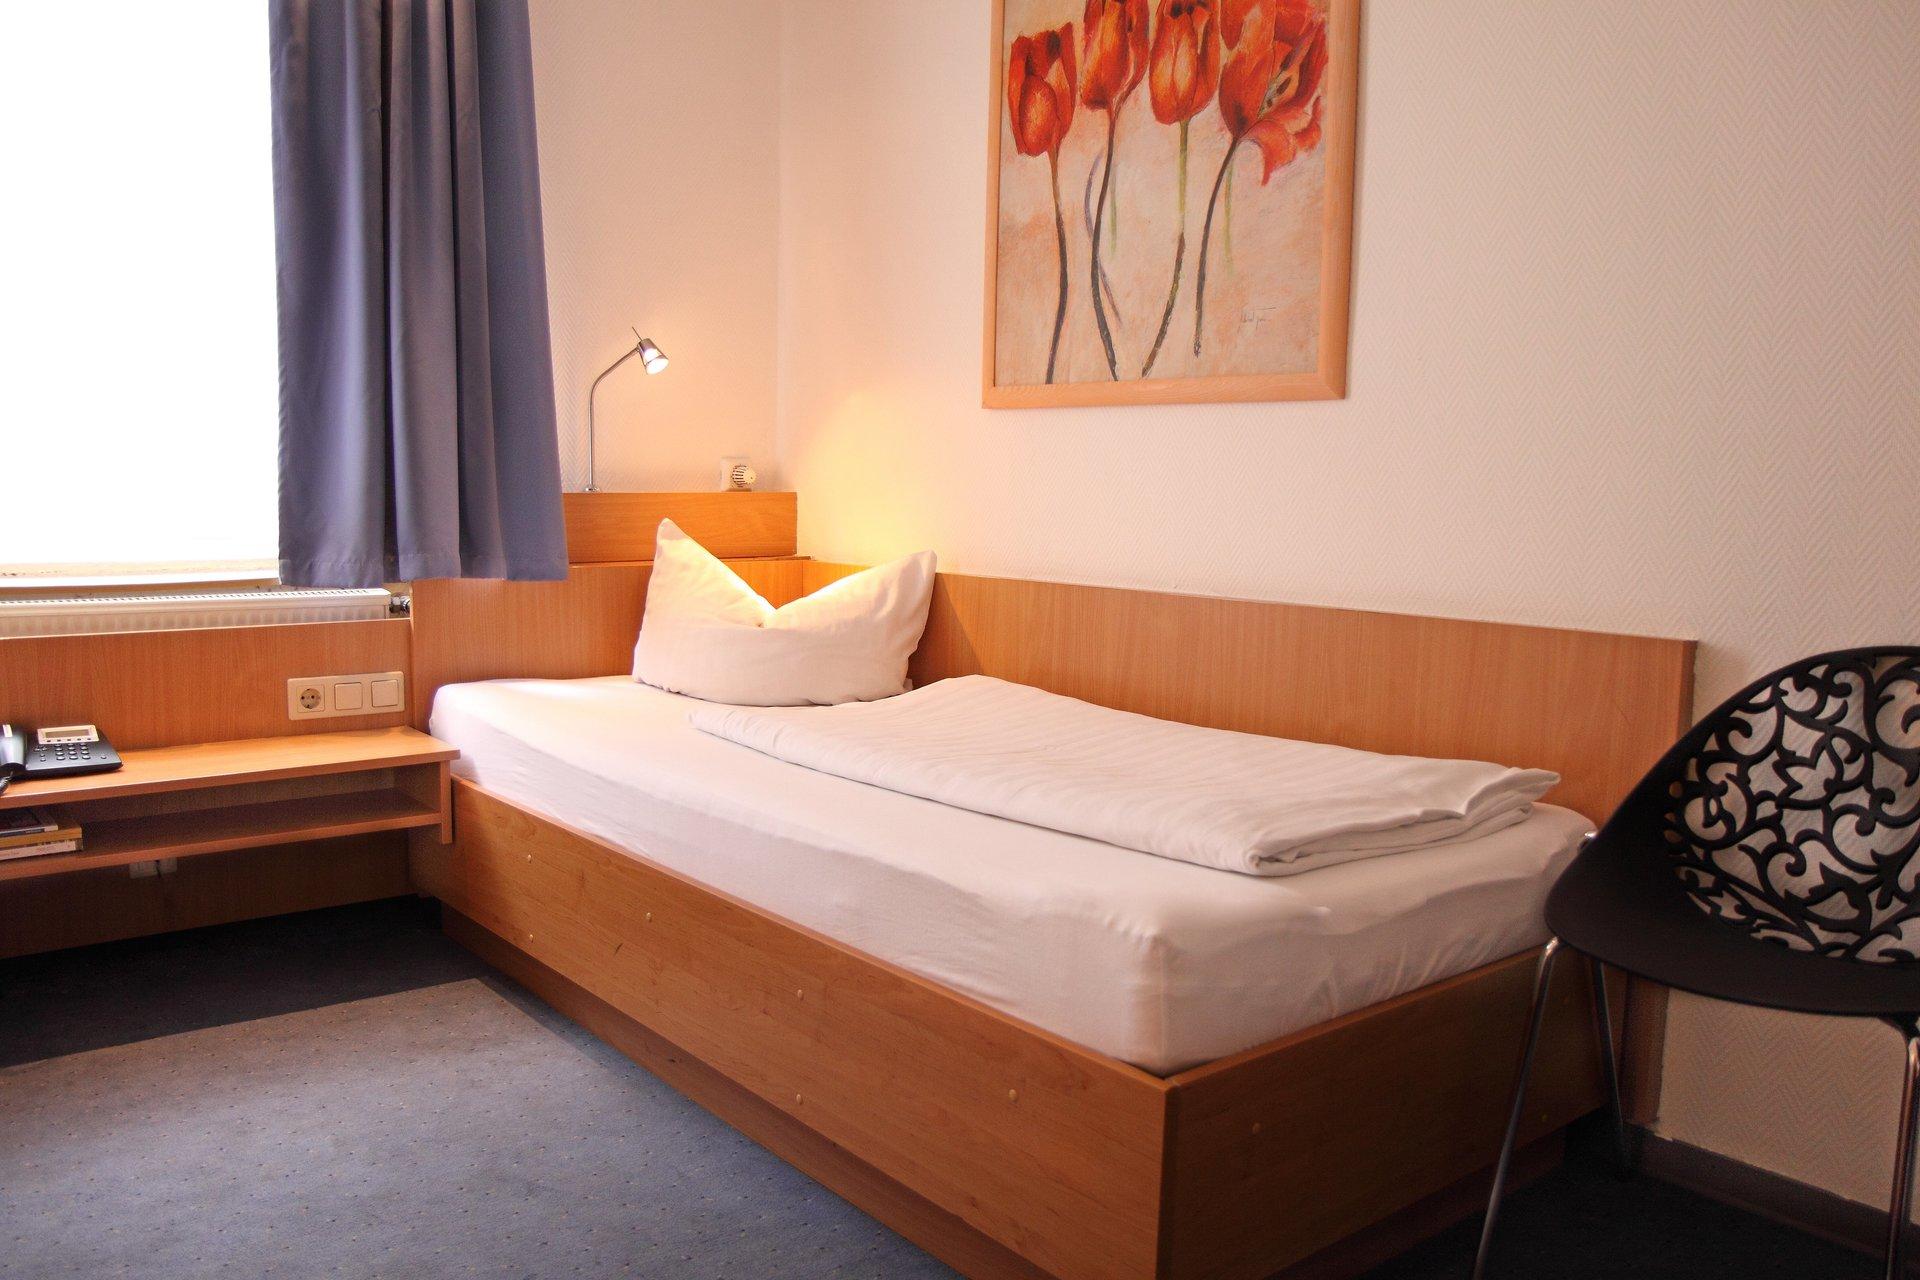 Europa Hotel Saarbrücken Gutenbergstr. 29 66117 Saarbrücken